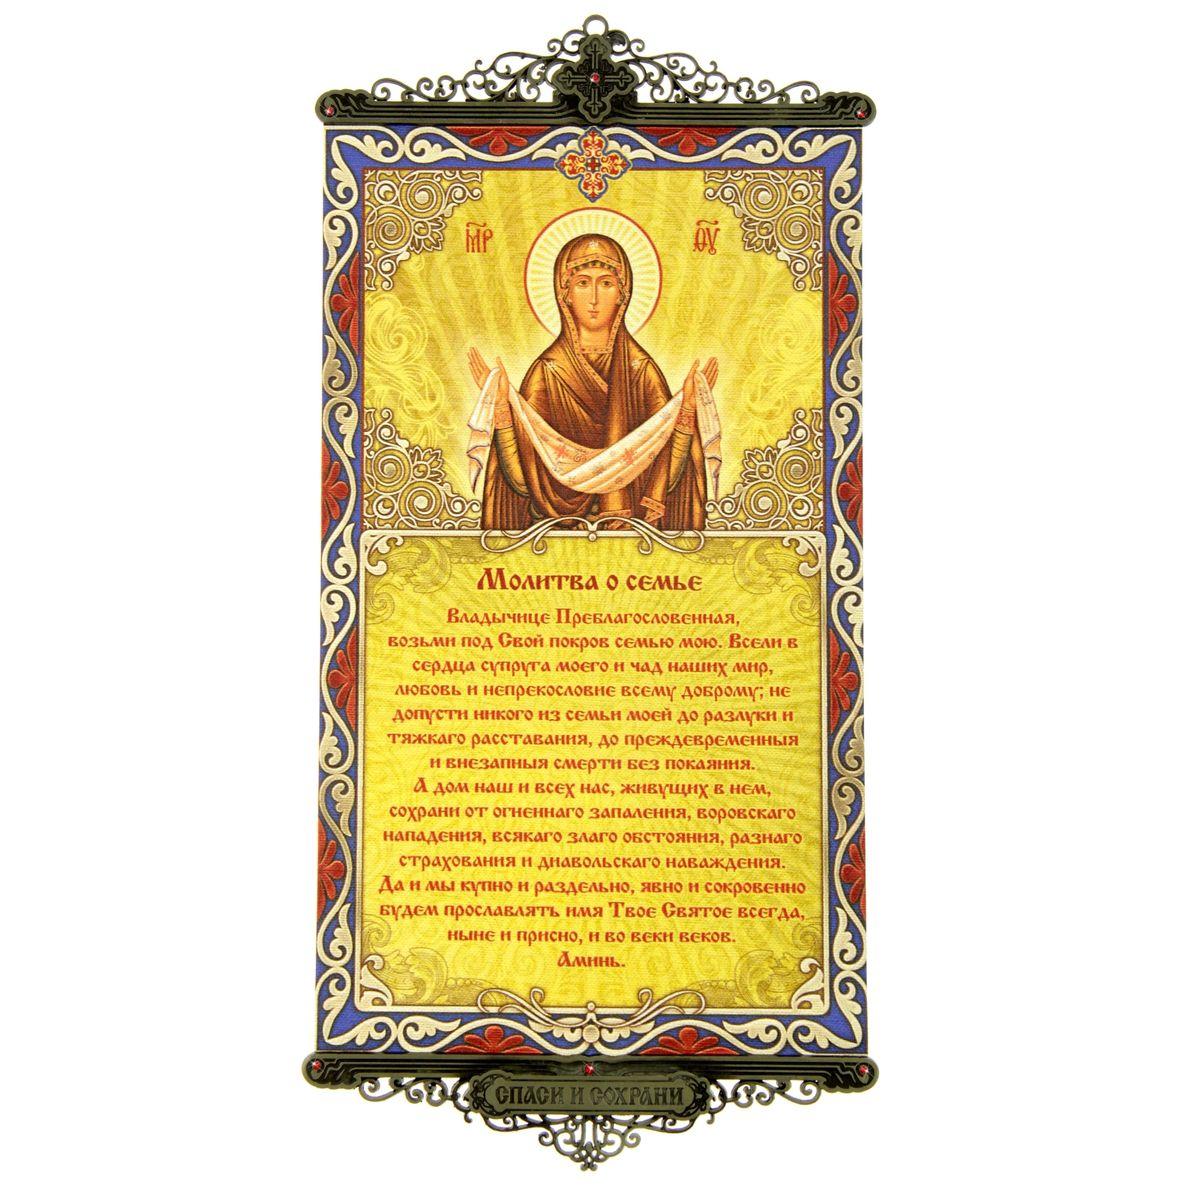 Икона с молитвой Молитва о семье, на подвесах602824Икона с молитвой Молитва о семье выполнена из плотного текстиля с нанесенным цветным рисунком, края декорированы ажурными металлическими вставками со стразами. Цветовая гамма и интерьер влияют на настроение каждого, именно поэтому так важны детали, которые нас окружают. Знатоки интерьерных решений стараются применять самые разнообразные решения при художественном оформлении внутреннего пространства и использовать все возможные материалы. Икона с молитвой на подвесах - это хорошее решение для интерьера по выгодной цене!